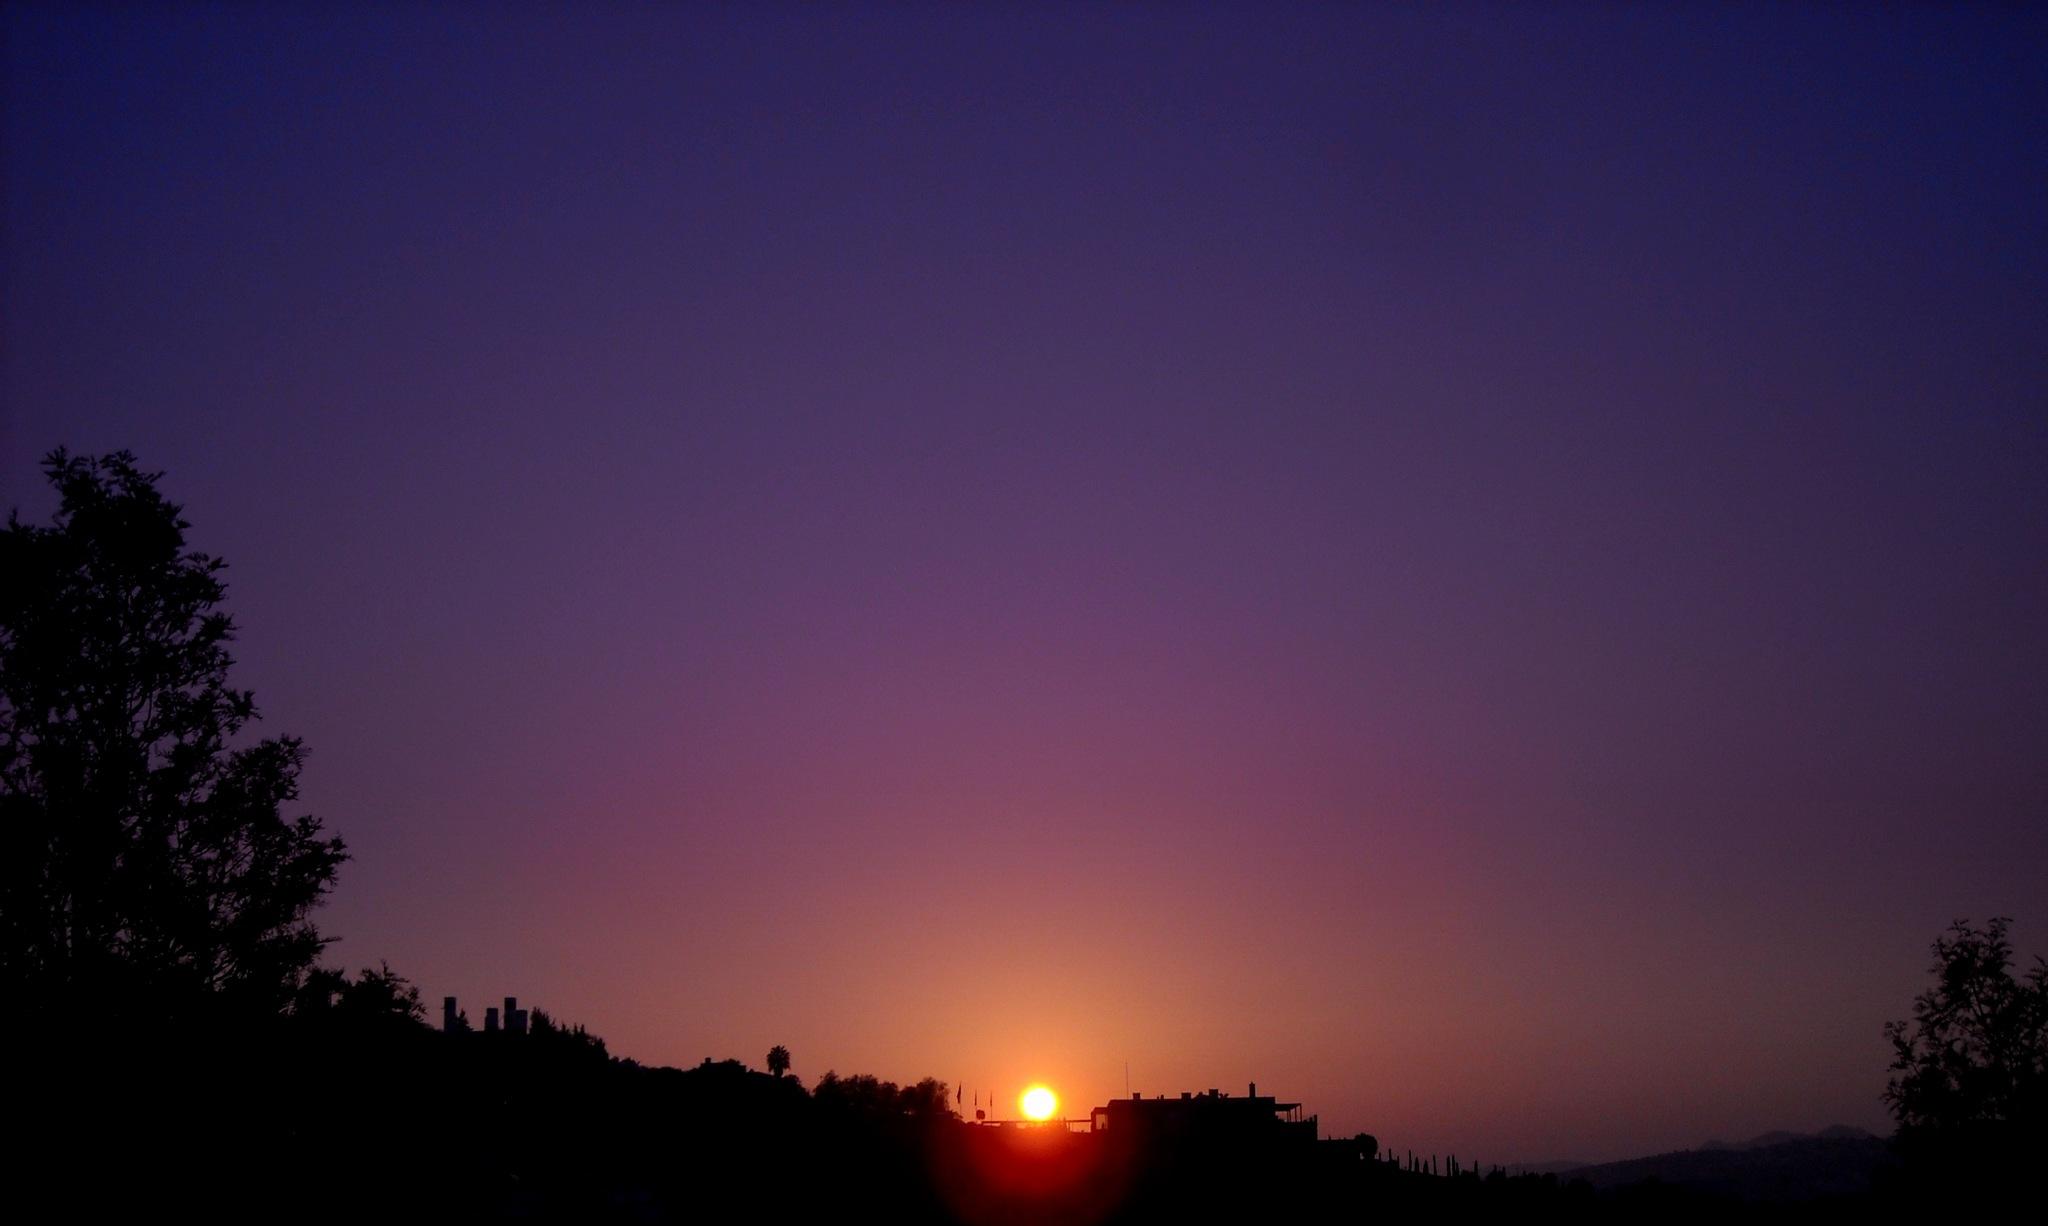 TANGENT SUNSET, FULL SCREEN by Akin Saner